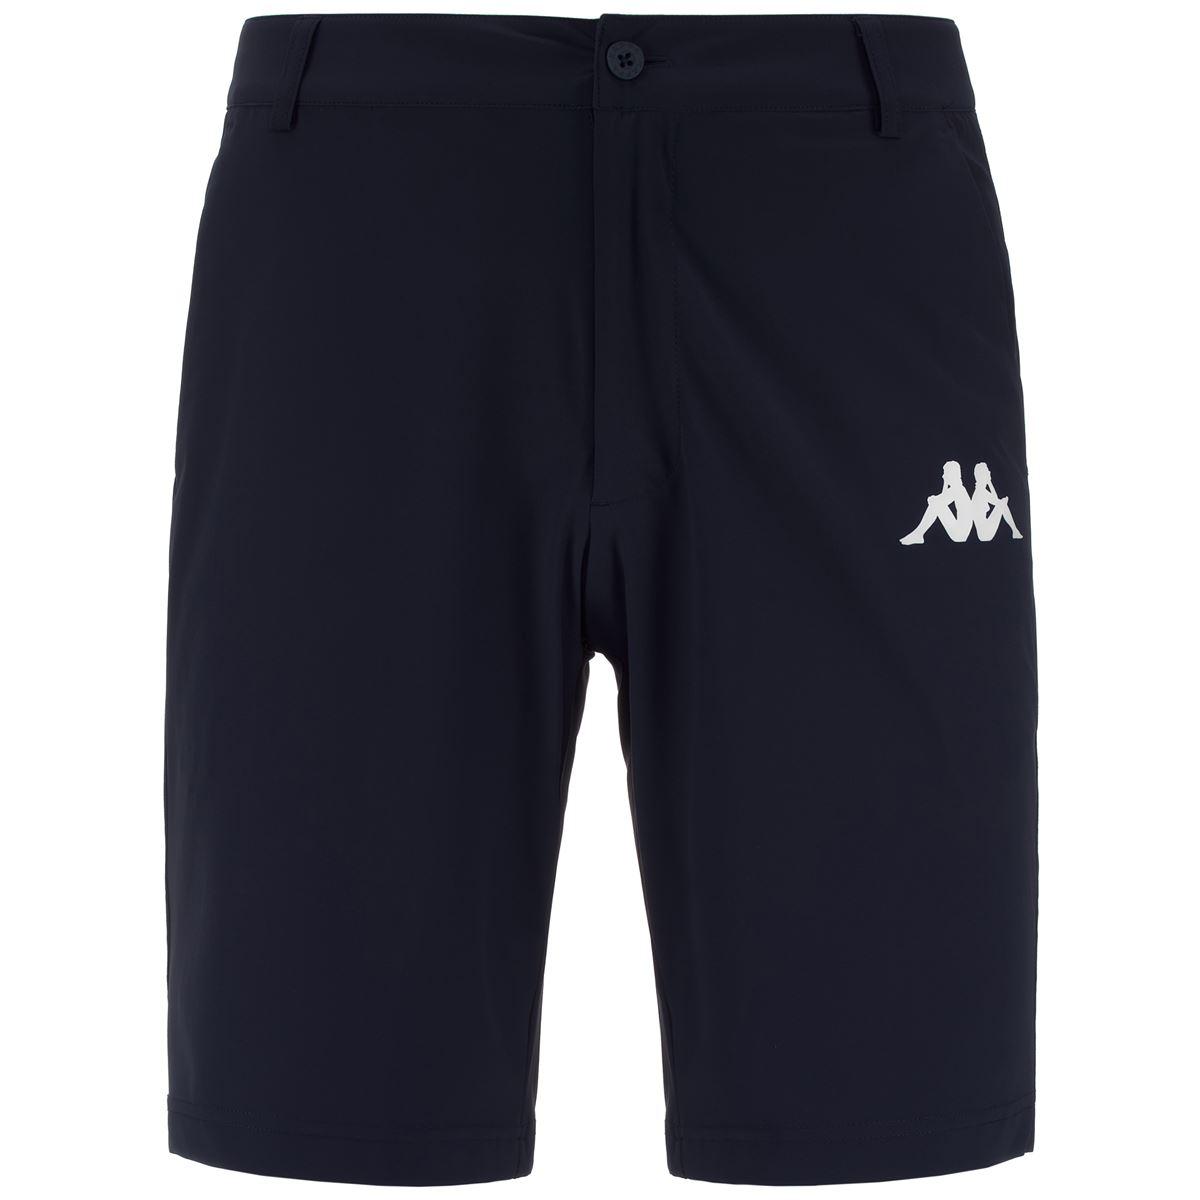 Kappa Pantaloncini uomo-3112BPWFIG